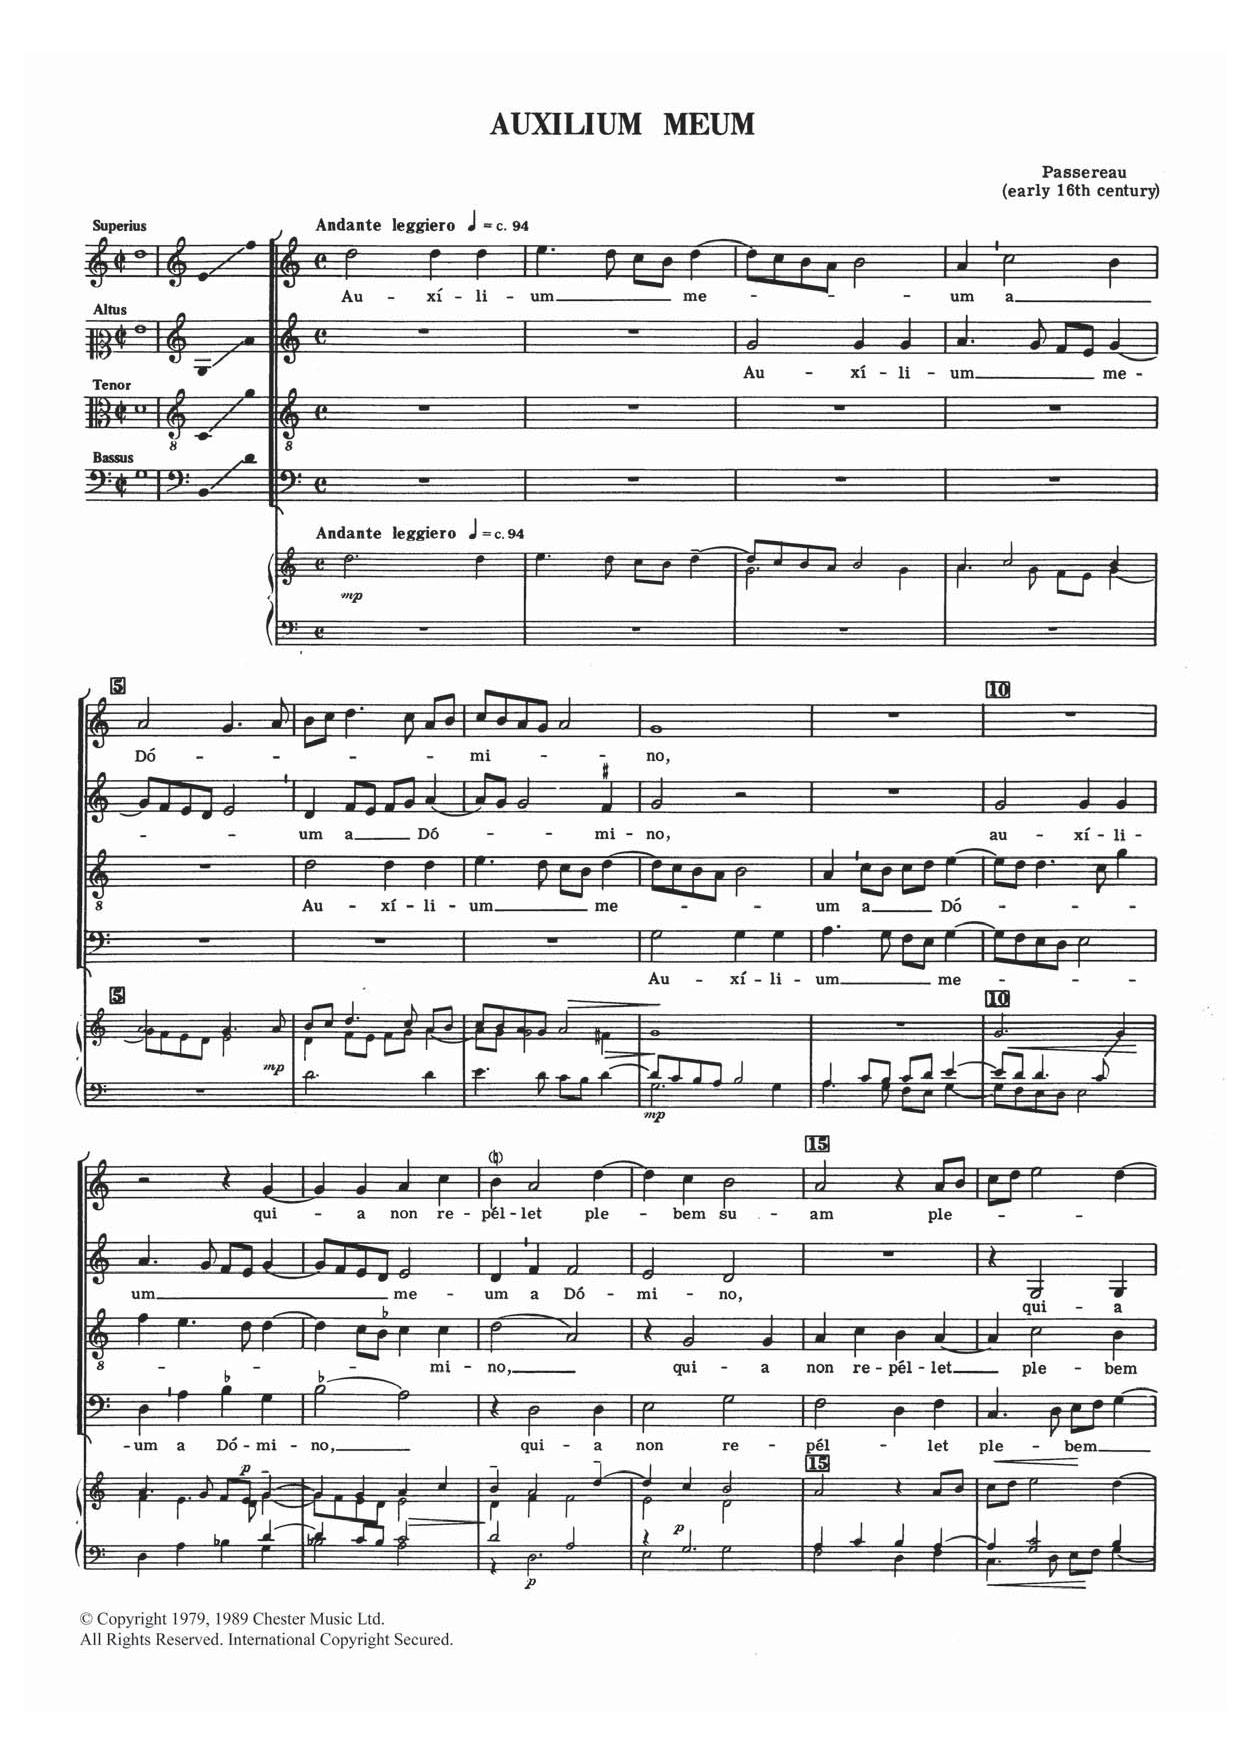 Pierre Passereau - Auxilium Meum